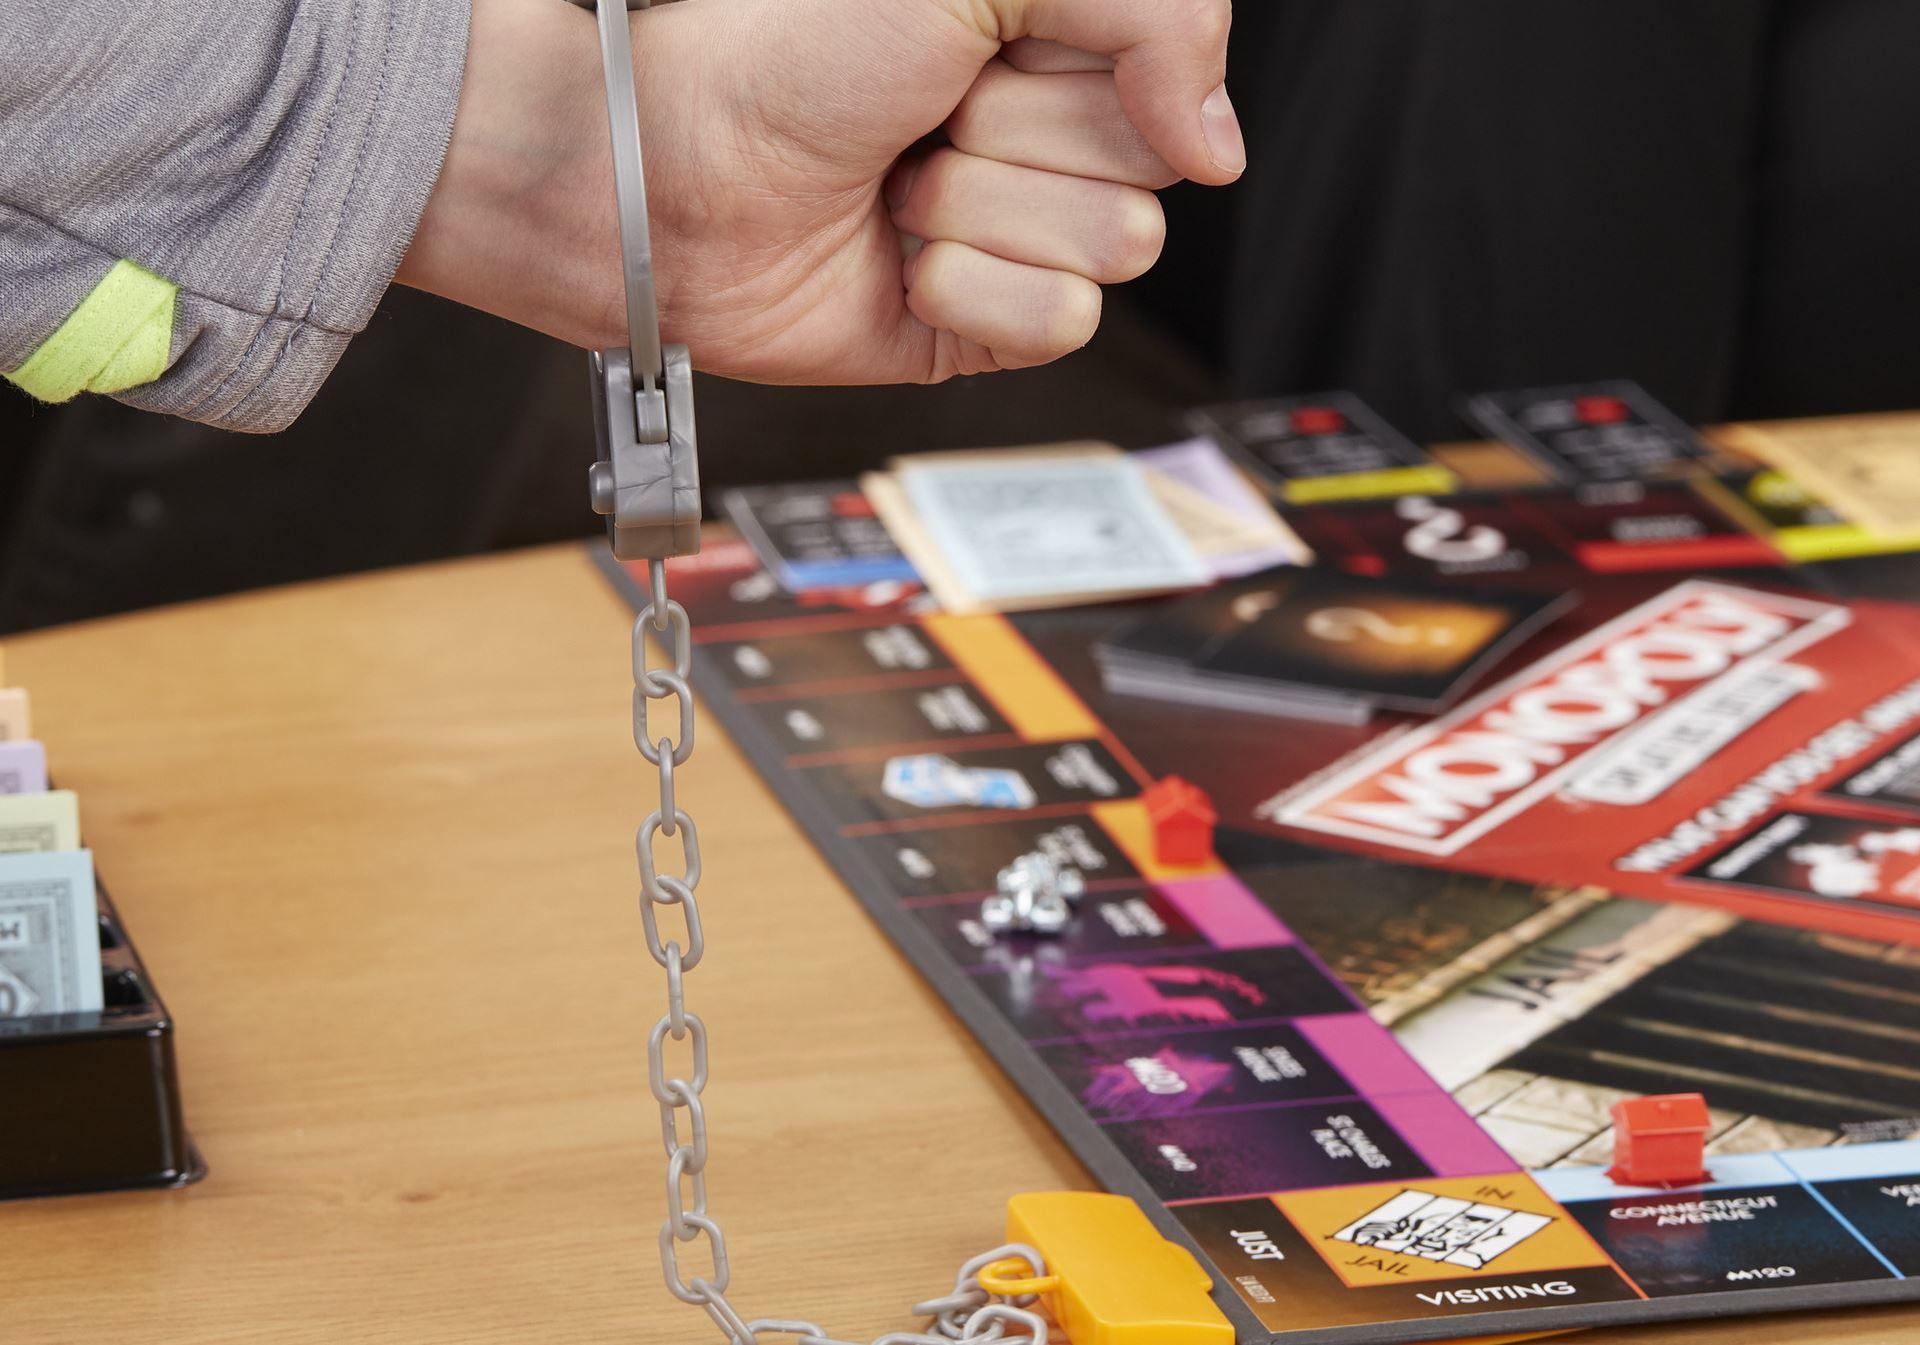 Os clássicos estão renovados: 6 novidades em jogos de tabuleiro